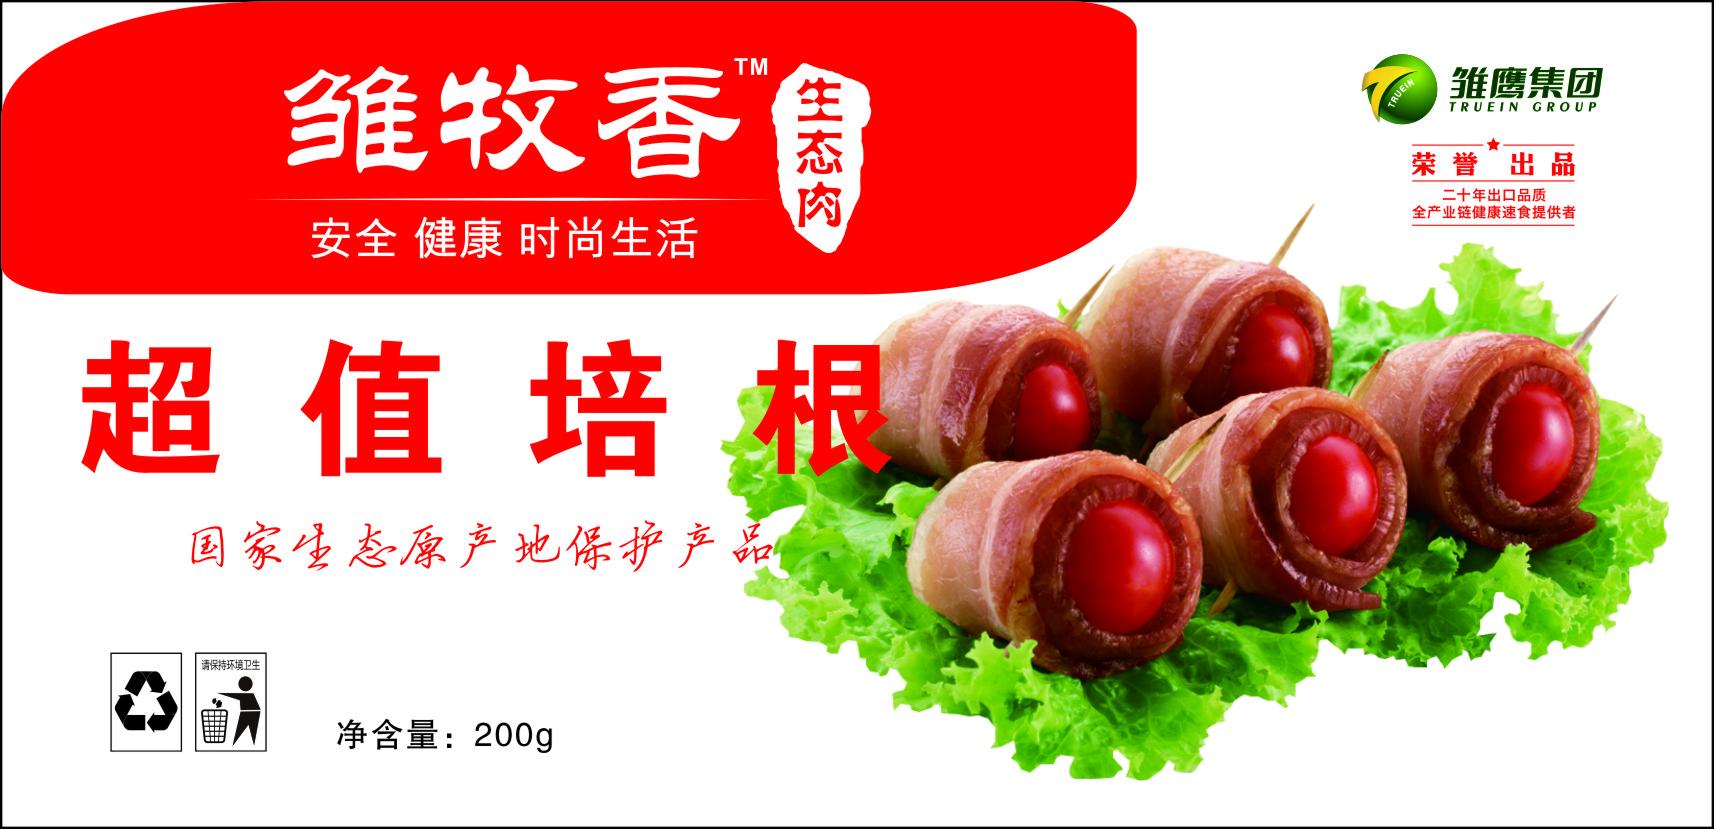 郑州包装设计图片/郑州包装设计样板图 (1)